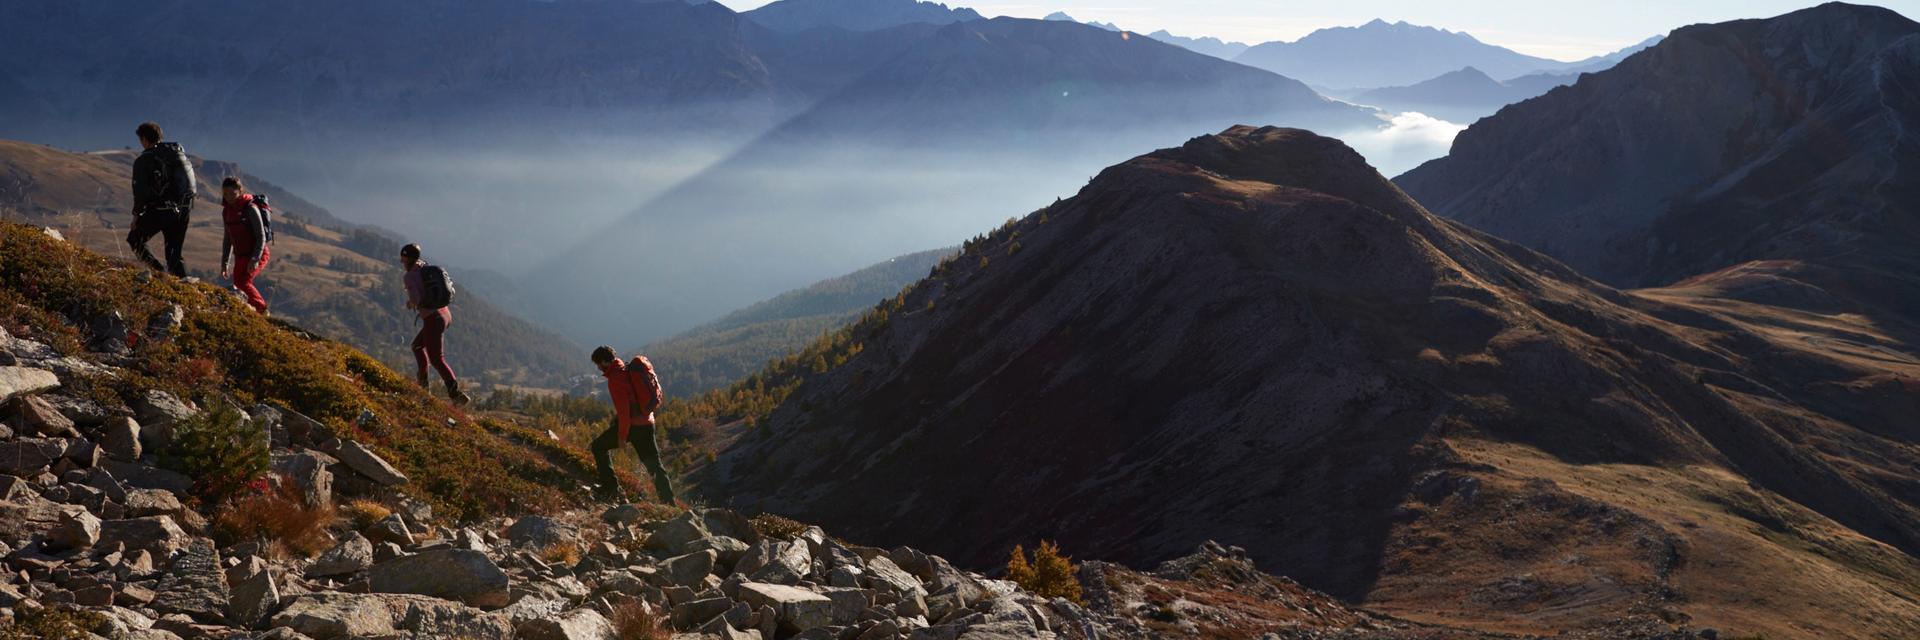 Eine Gruppe von Wanderern im Gebirge